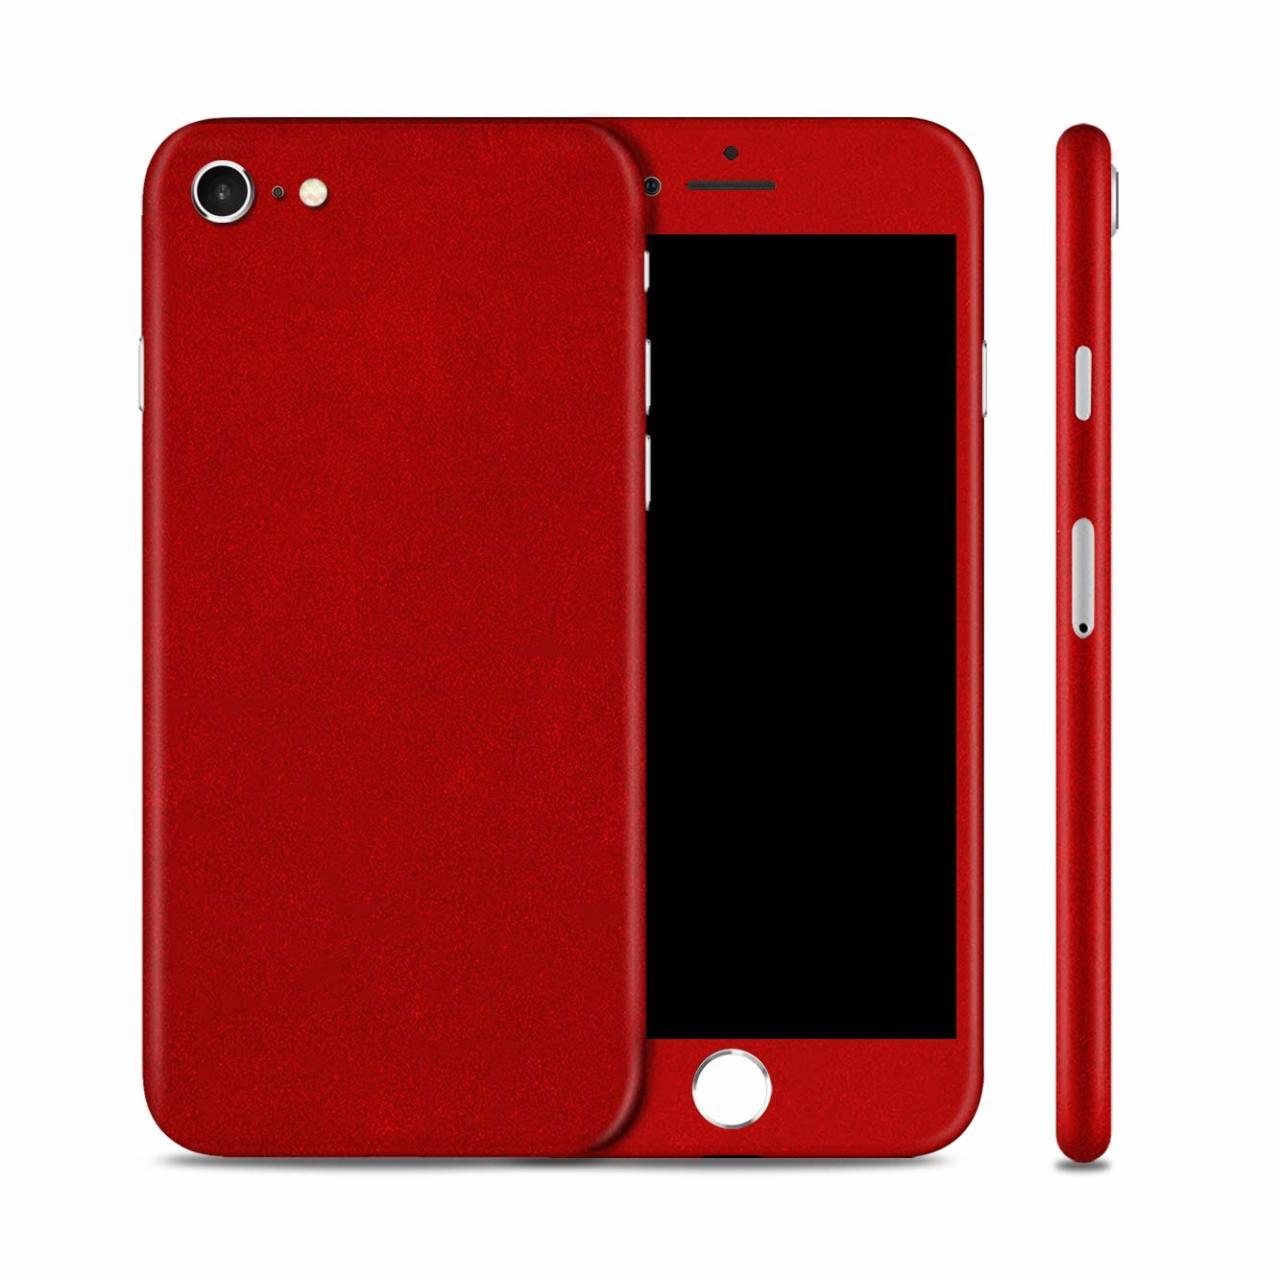 Iphone 6 Plus Red >> Iphone 6 Plus 6s Plus Red Velvet Telefon Kaplamasi Renkligaraj Com